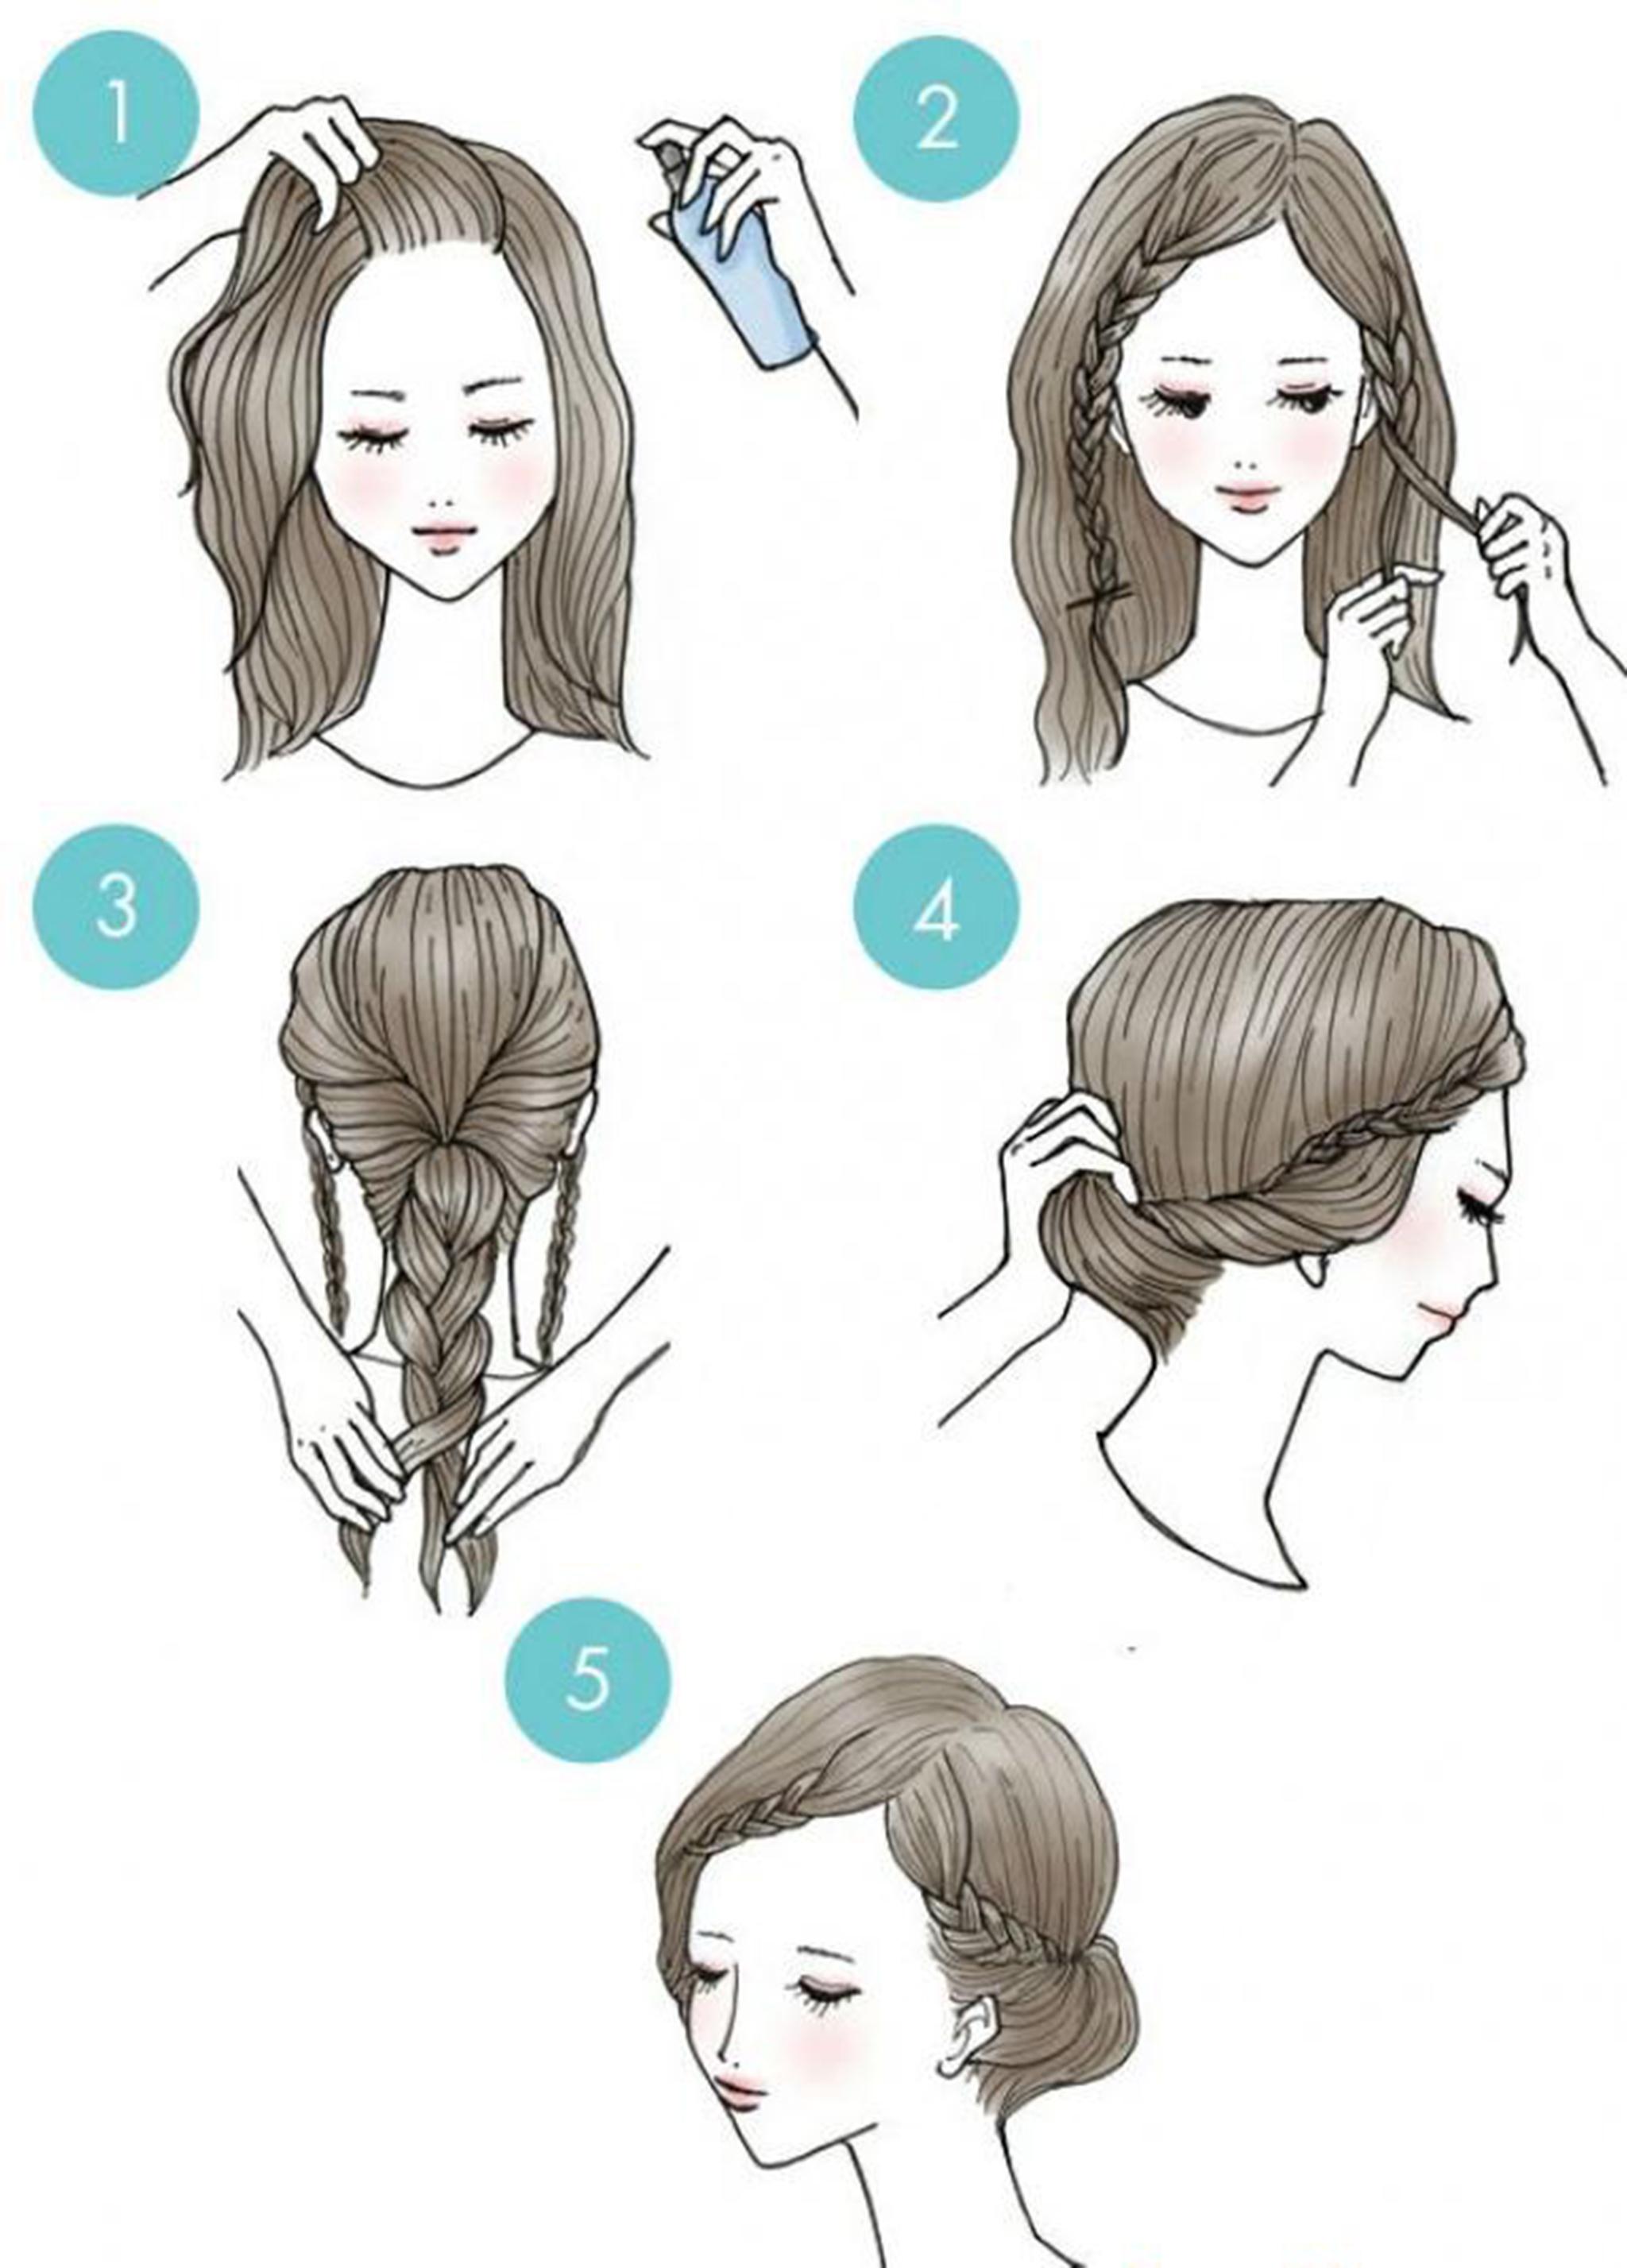 10 prostych do wykonania fryzur, które nie zajmą Ci więcej, niż parę minut cennego czasu